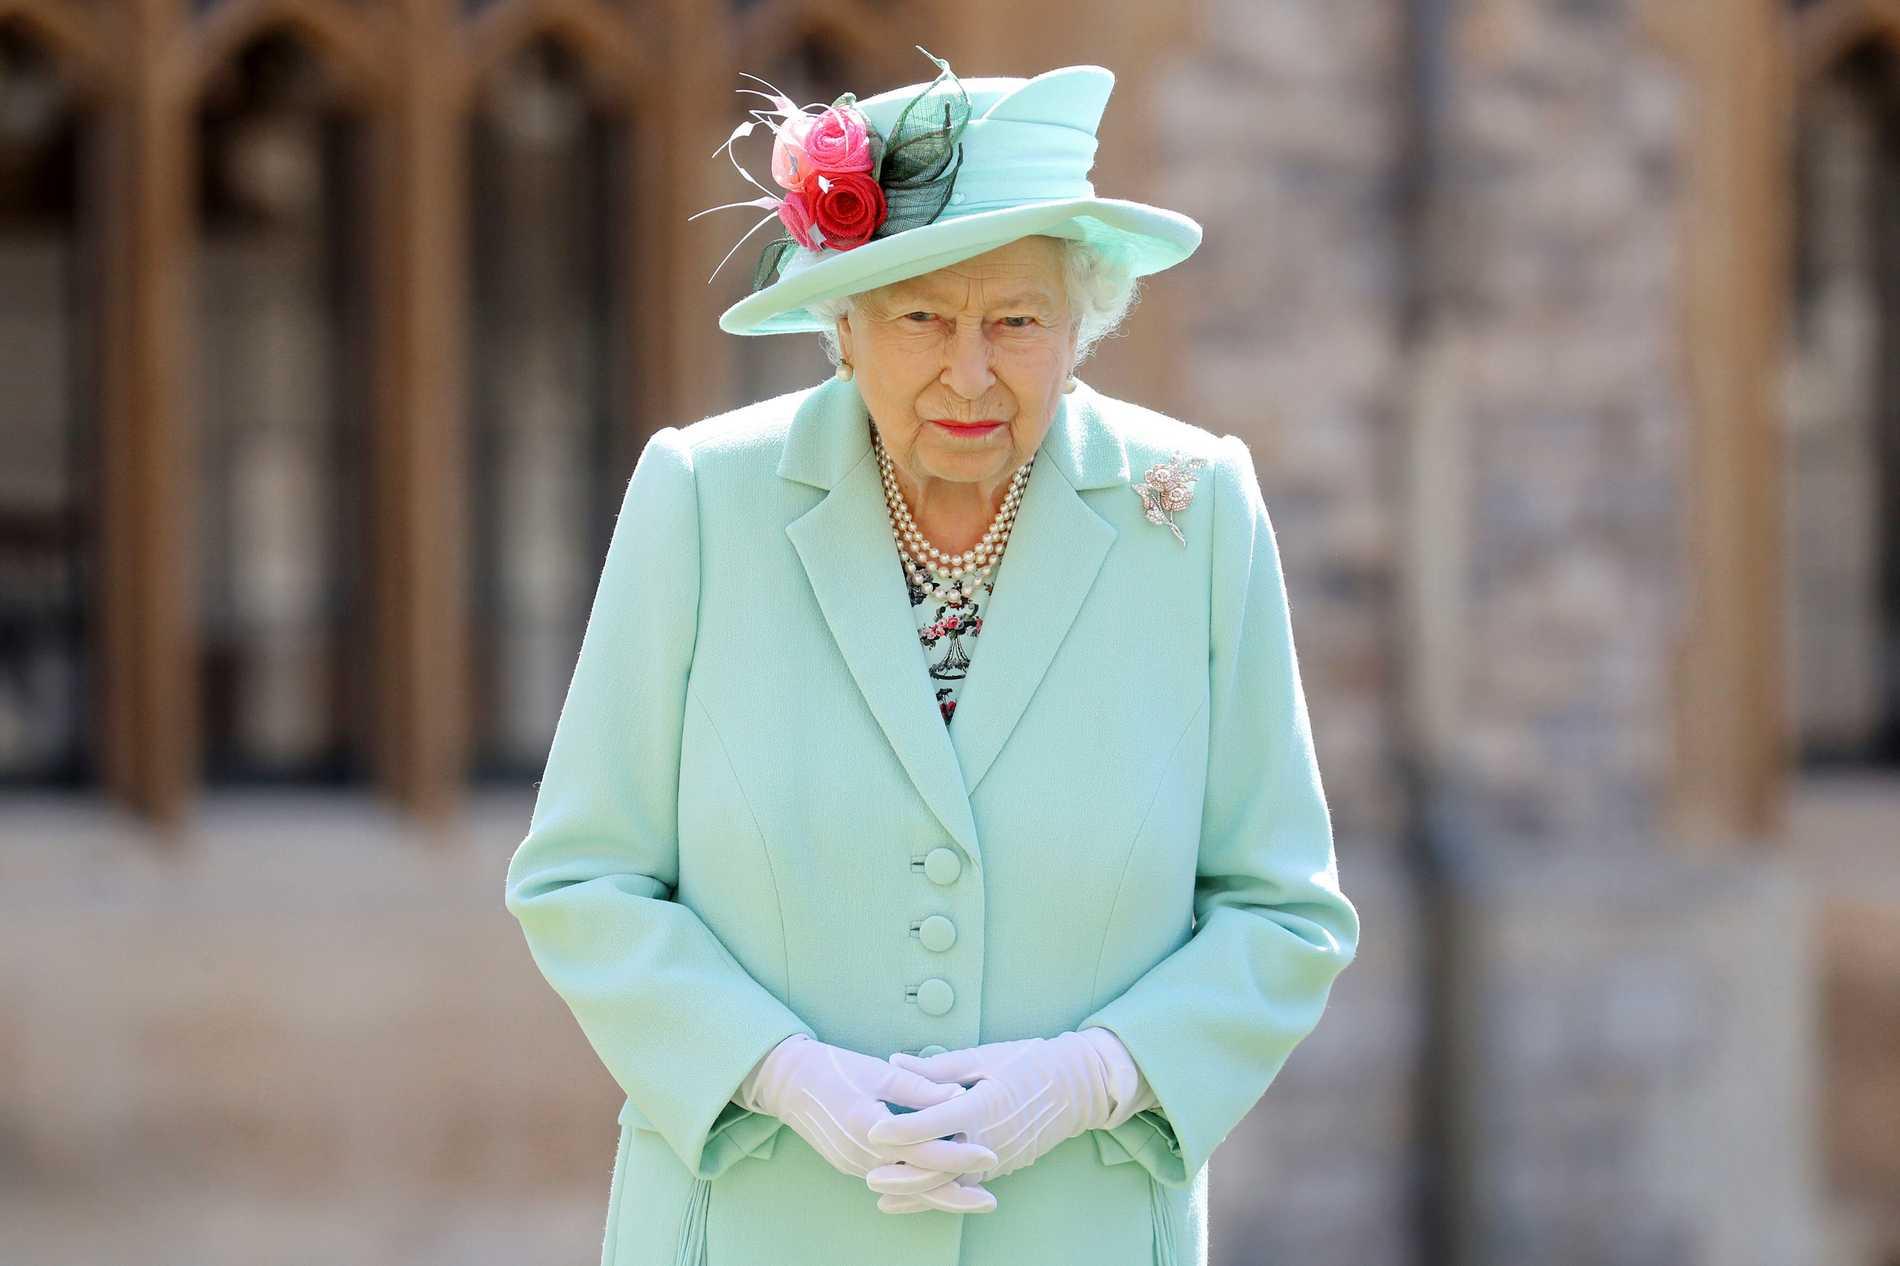 Enligt uppgifter till brittisk press kommer prins Harry att tvingas stå till svars inför sin 94-åriga farmor.